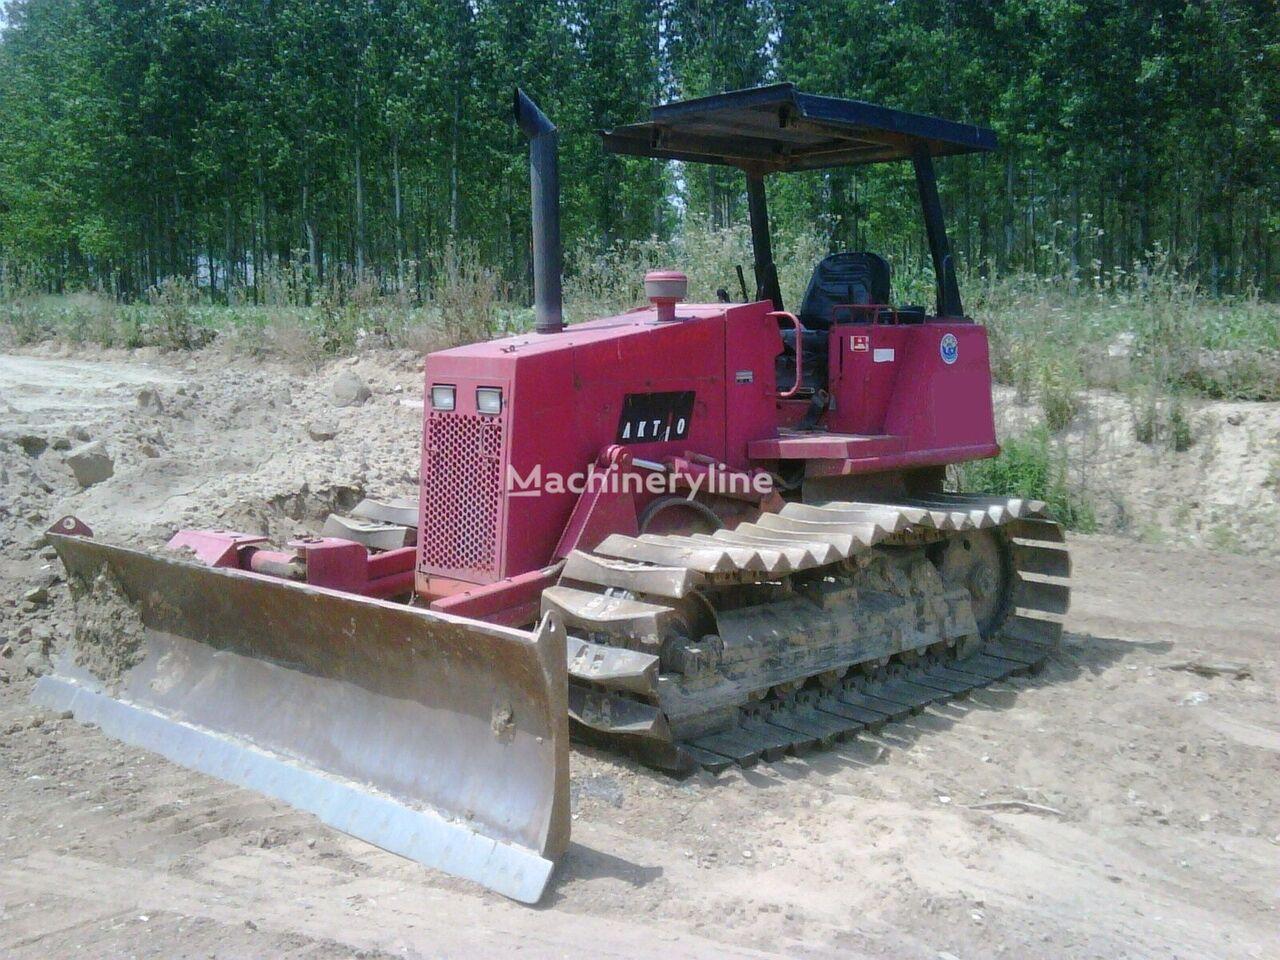 CATERPILLAR D 3 C bulldozer